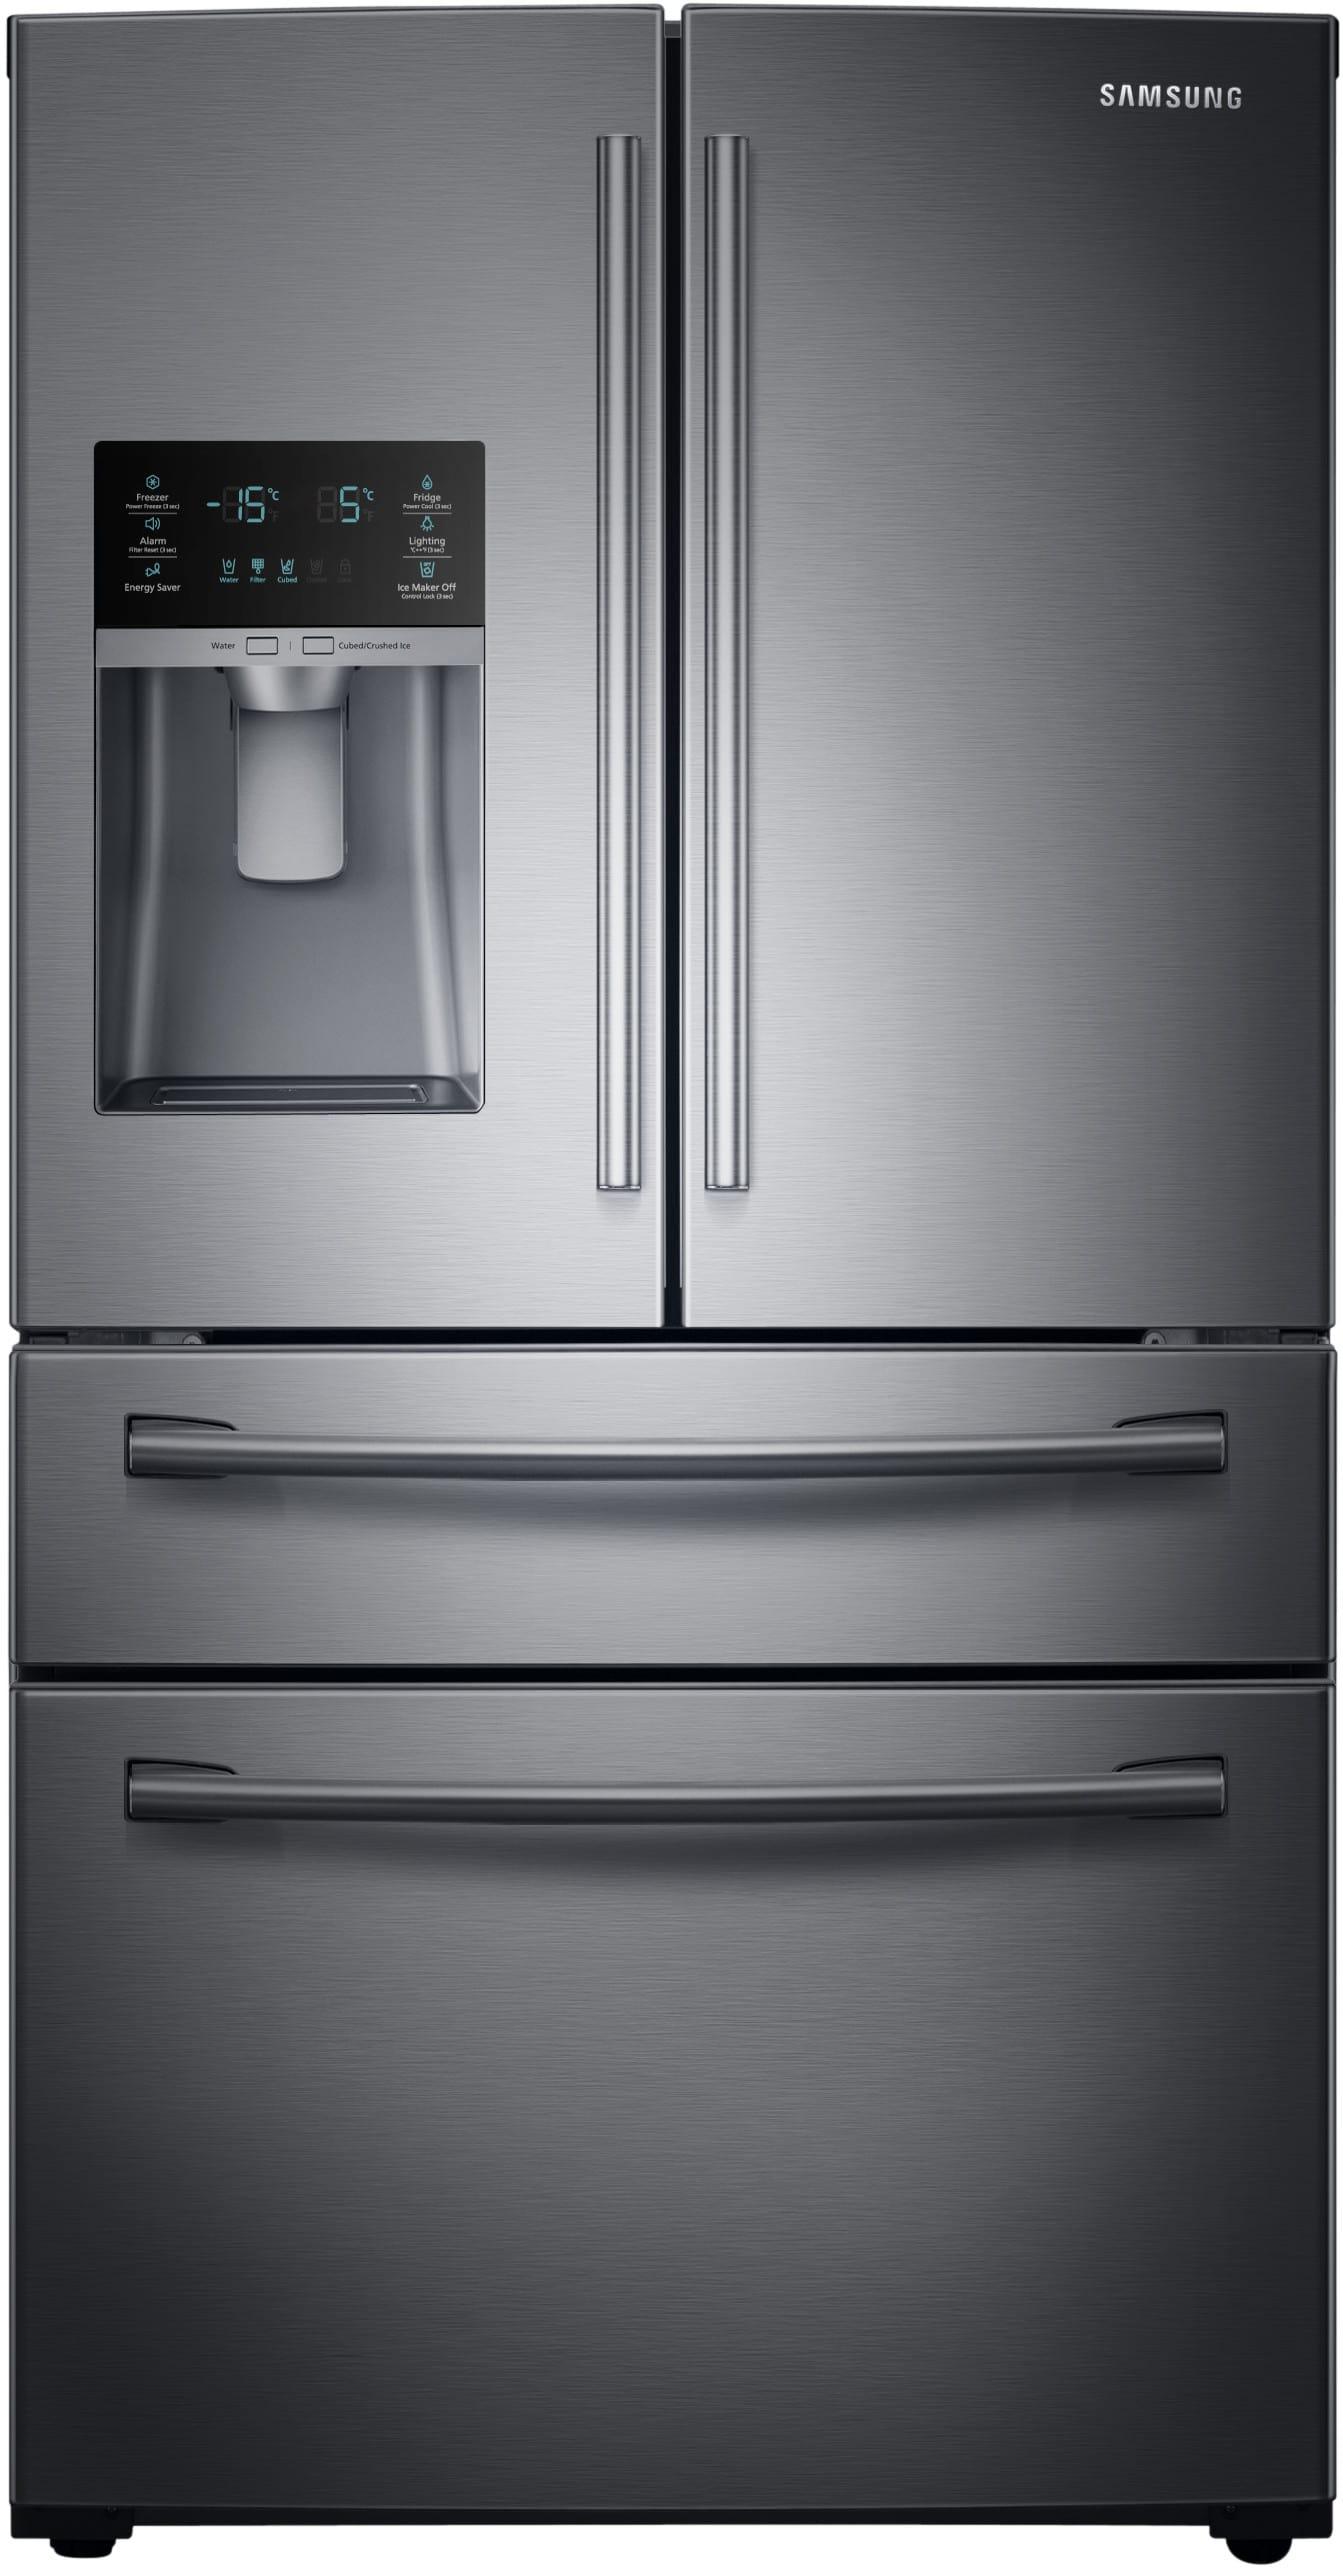 Samsung Rf28hmedbsg 36 Inch 4 Door French Door